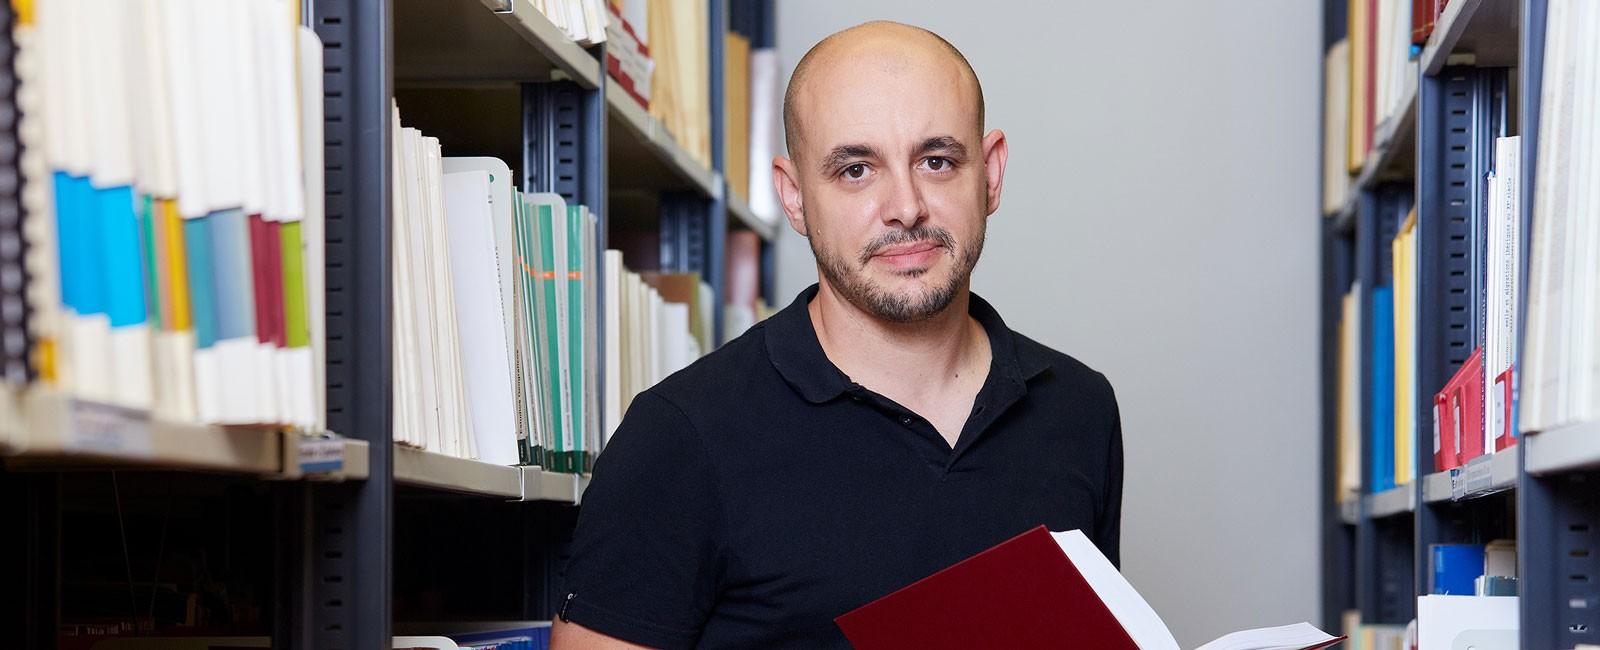 Maximiliano-Fuentes-Ayudas-Covid-Humanidades